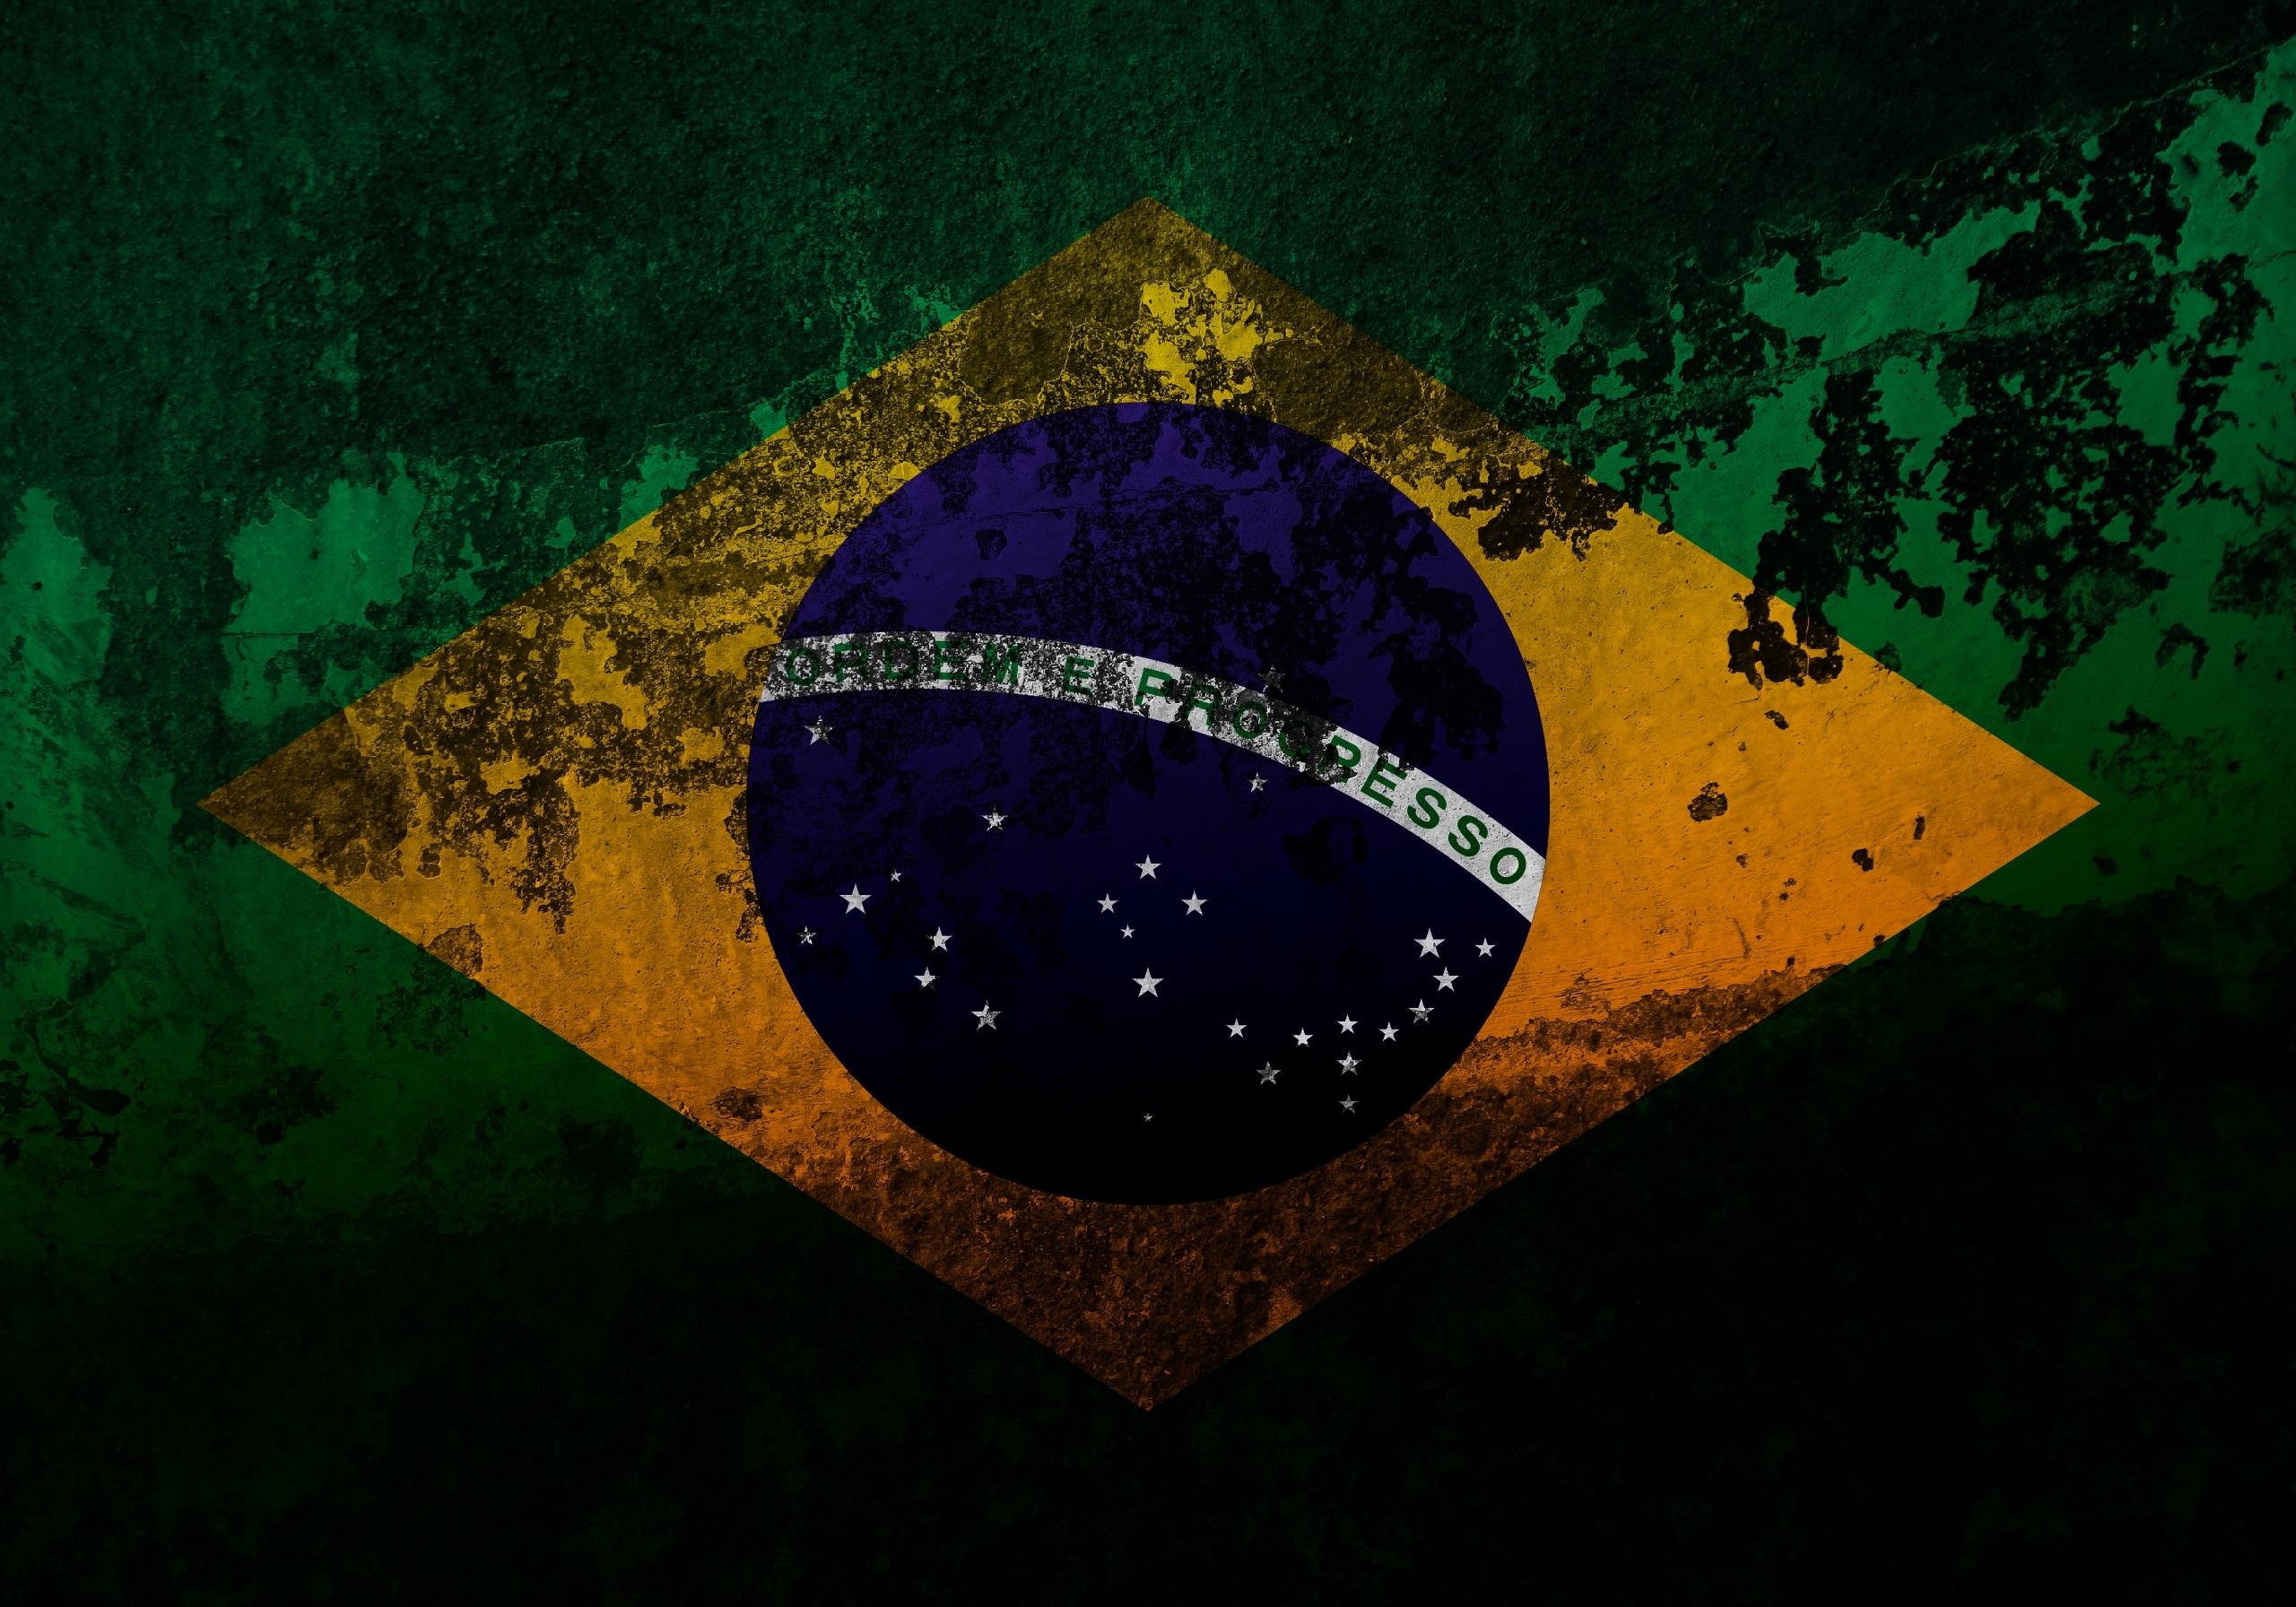 флаг бразилии фото обои этой статье